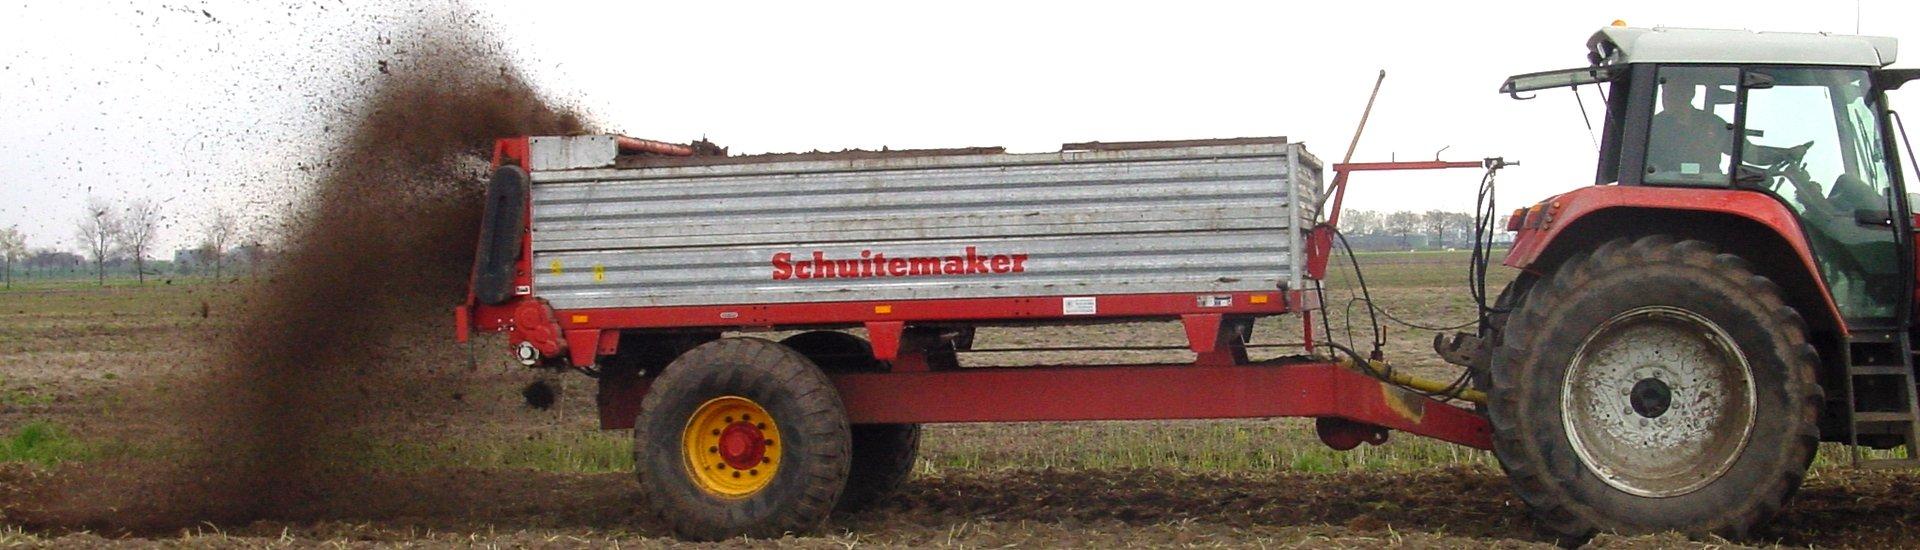 Schuitemaker spreader